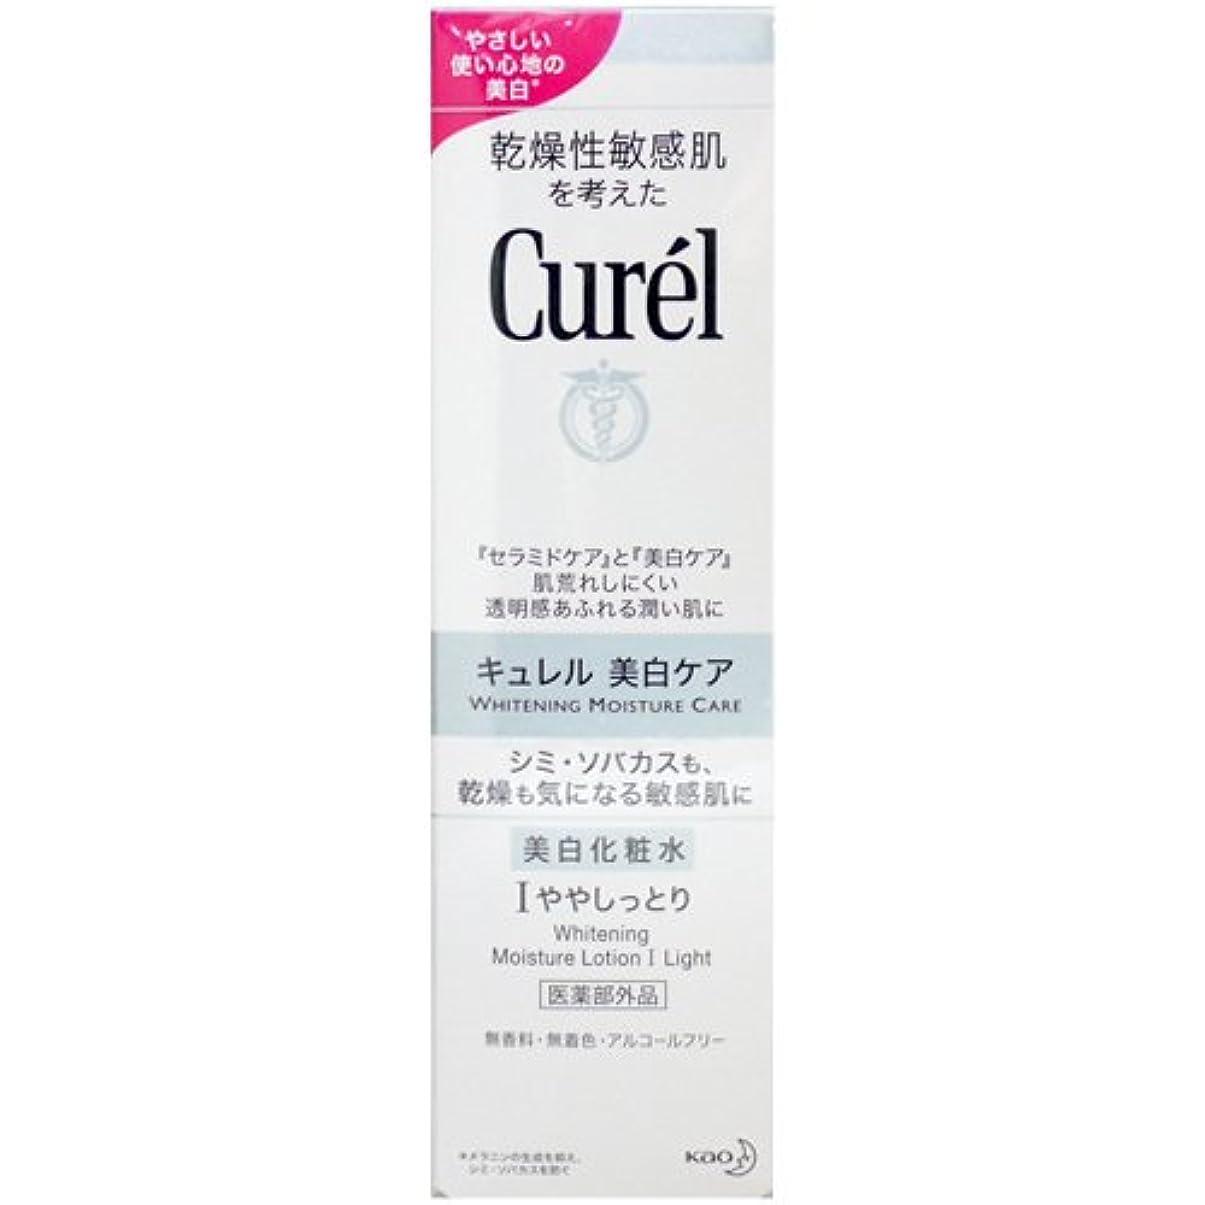 包括的しっかり支配的花王 キュレル 美白化粧水 140mL IIしっとり (在庫)